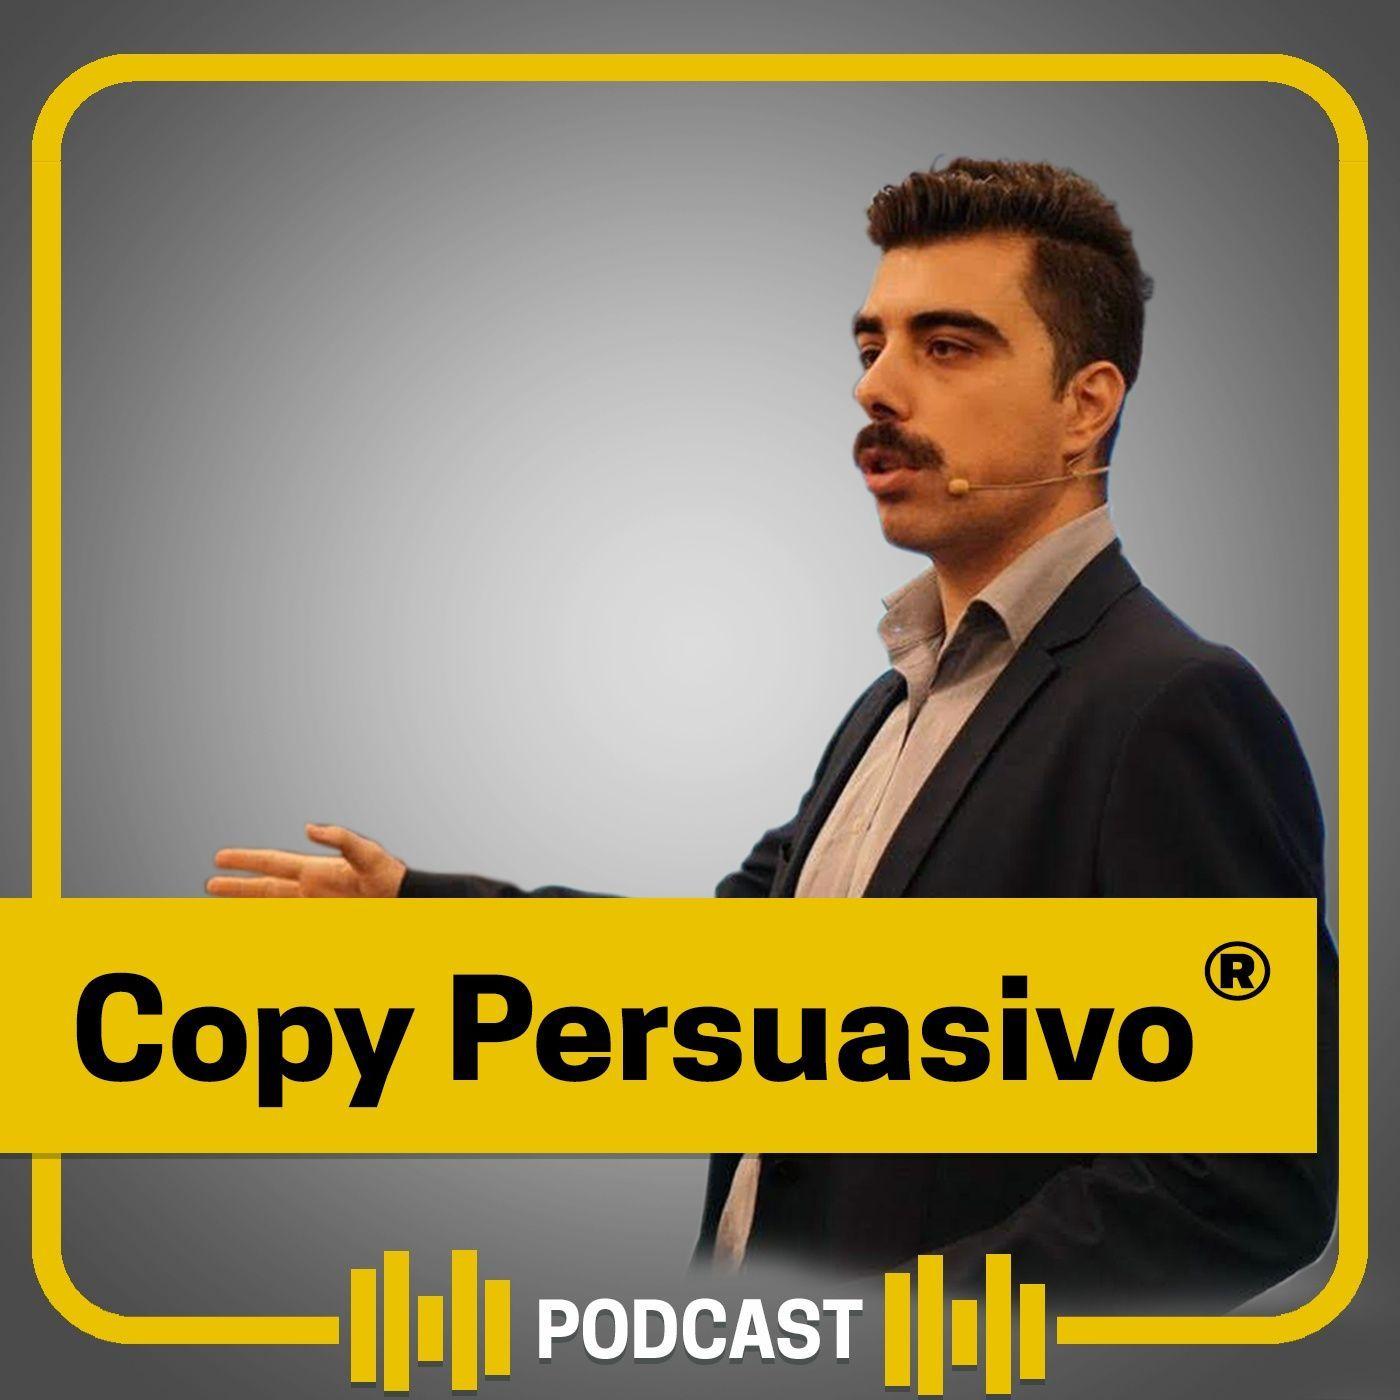 #106 - Come delegare il marketing della tua azienda senza farti abbindolare